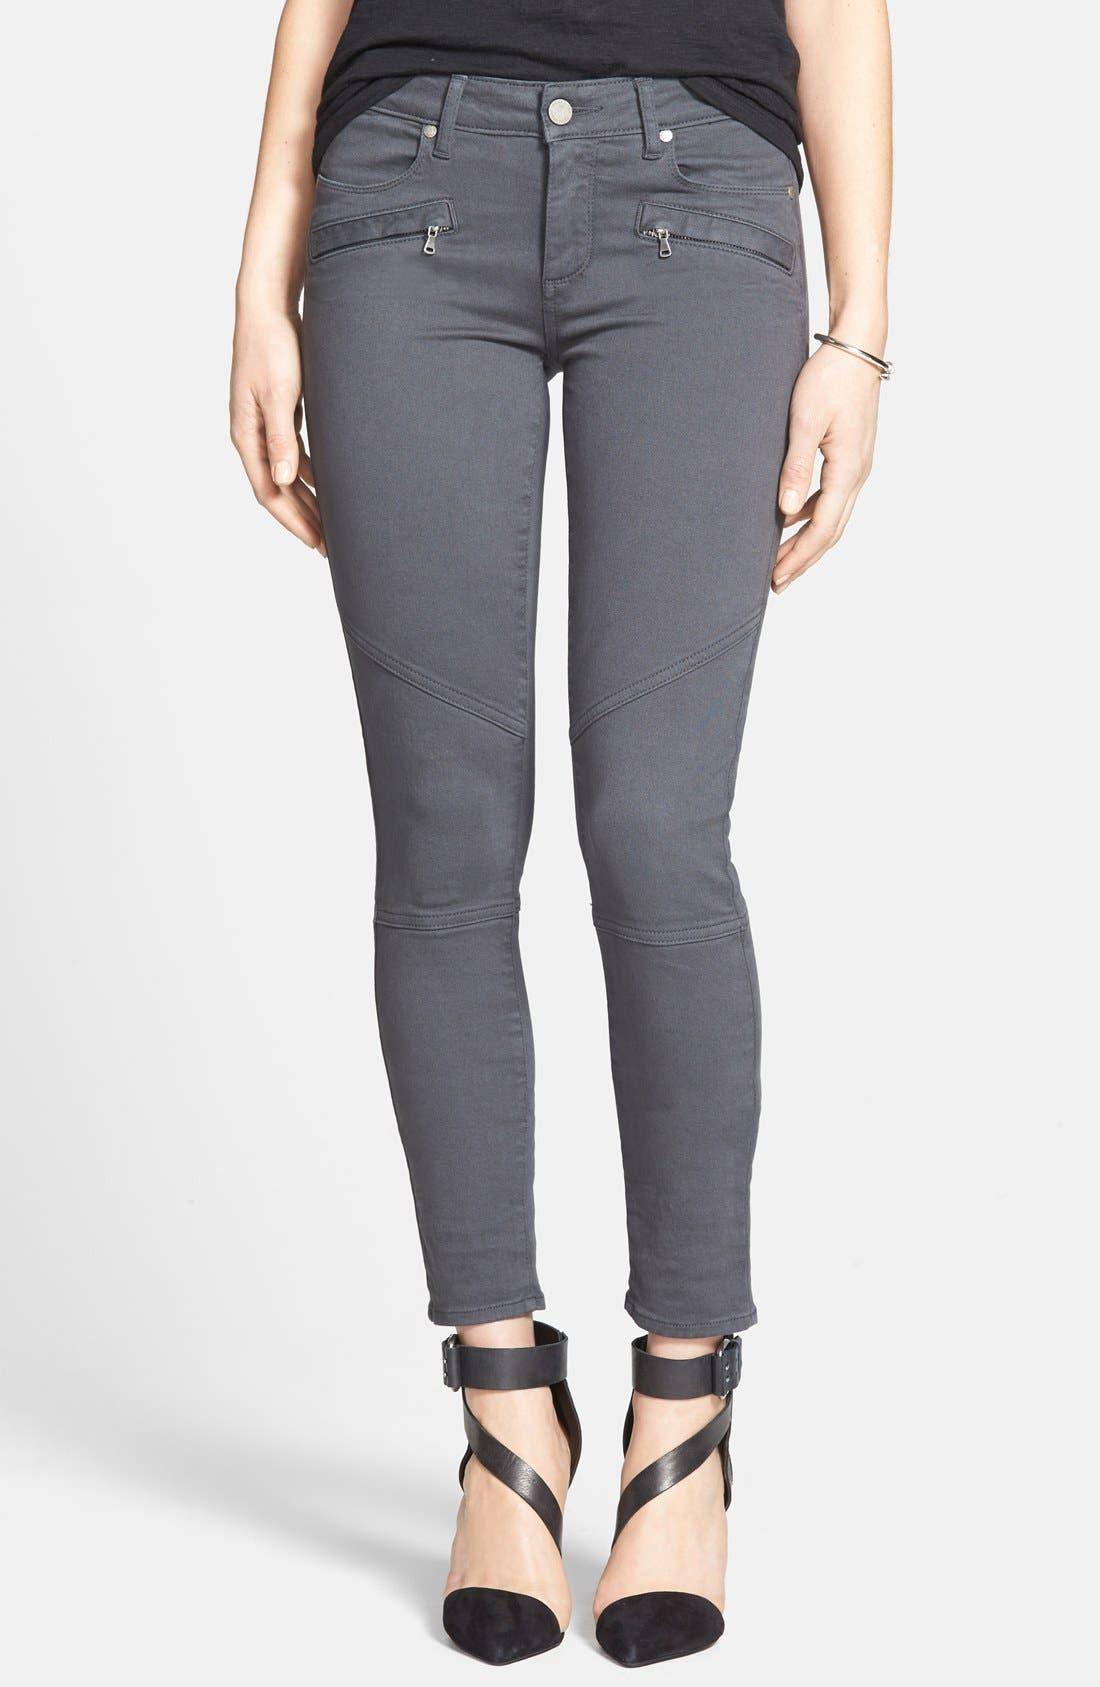 PAIGE Denim 'Liam' Moto Skinny Jeans, Main, color, 020